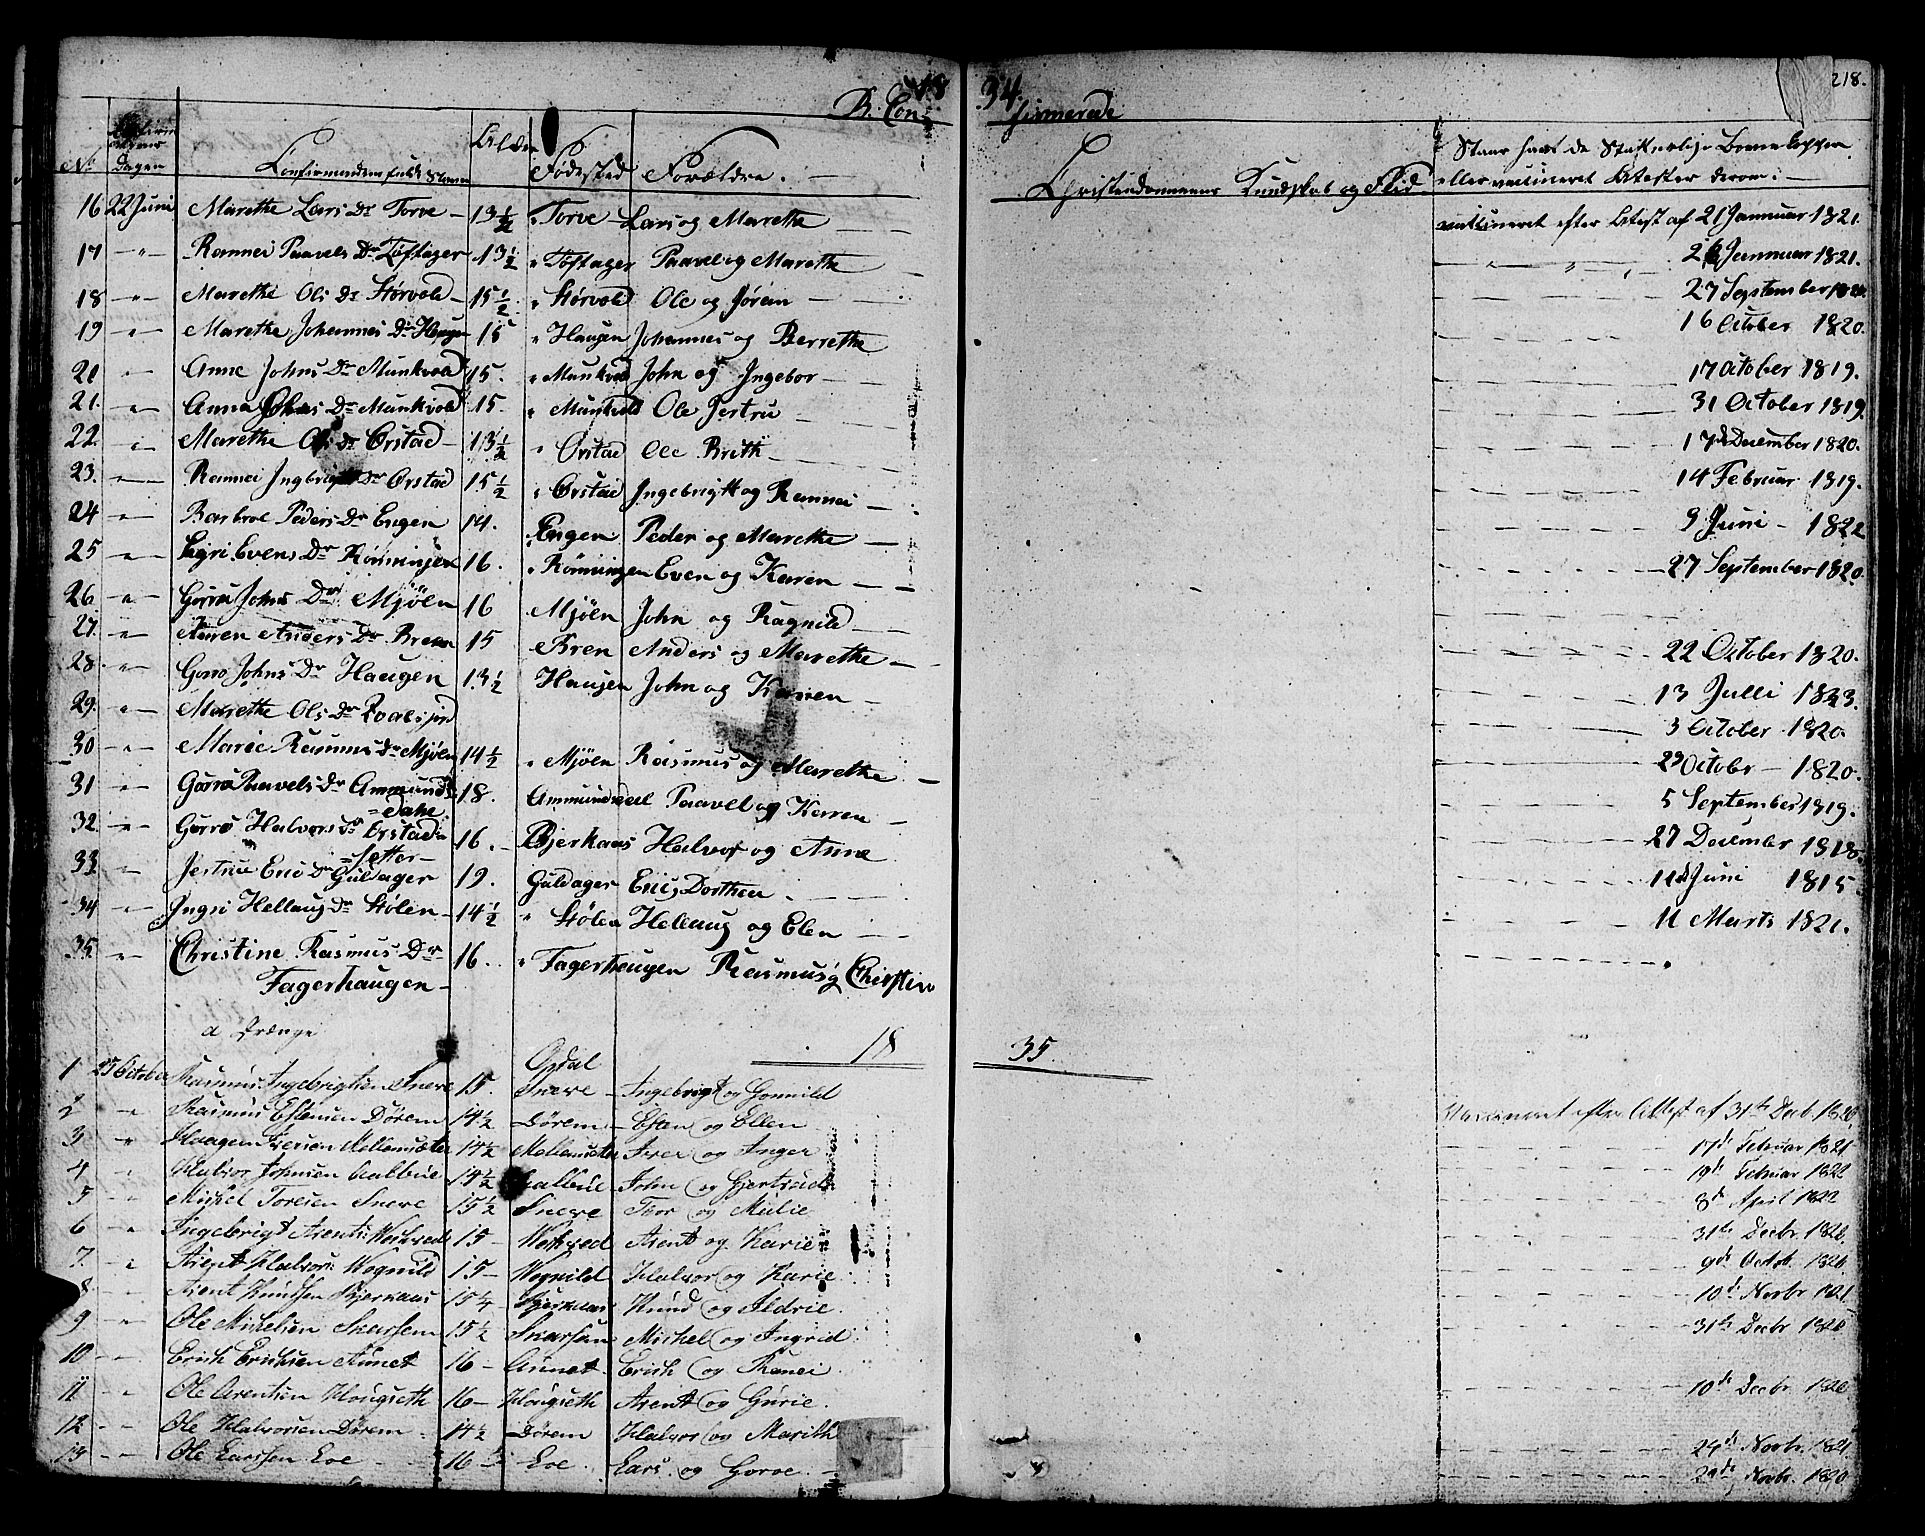 SAT, Ministerialprotokoller, klokkerbøker og fødselsregistre - Sør-Trøndelag, 678/L0897: Ministerialbok nr. 678A06-07, 1821-1847, s. 218